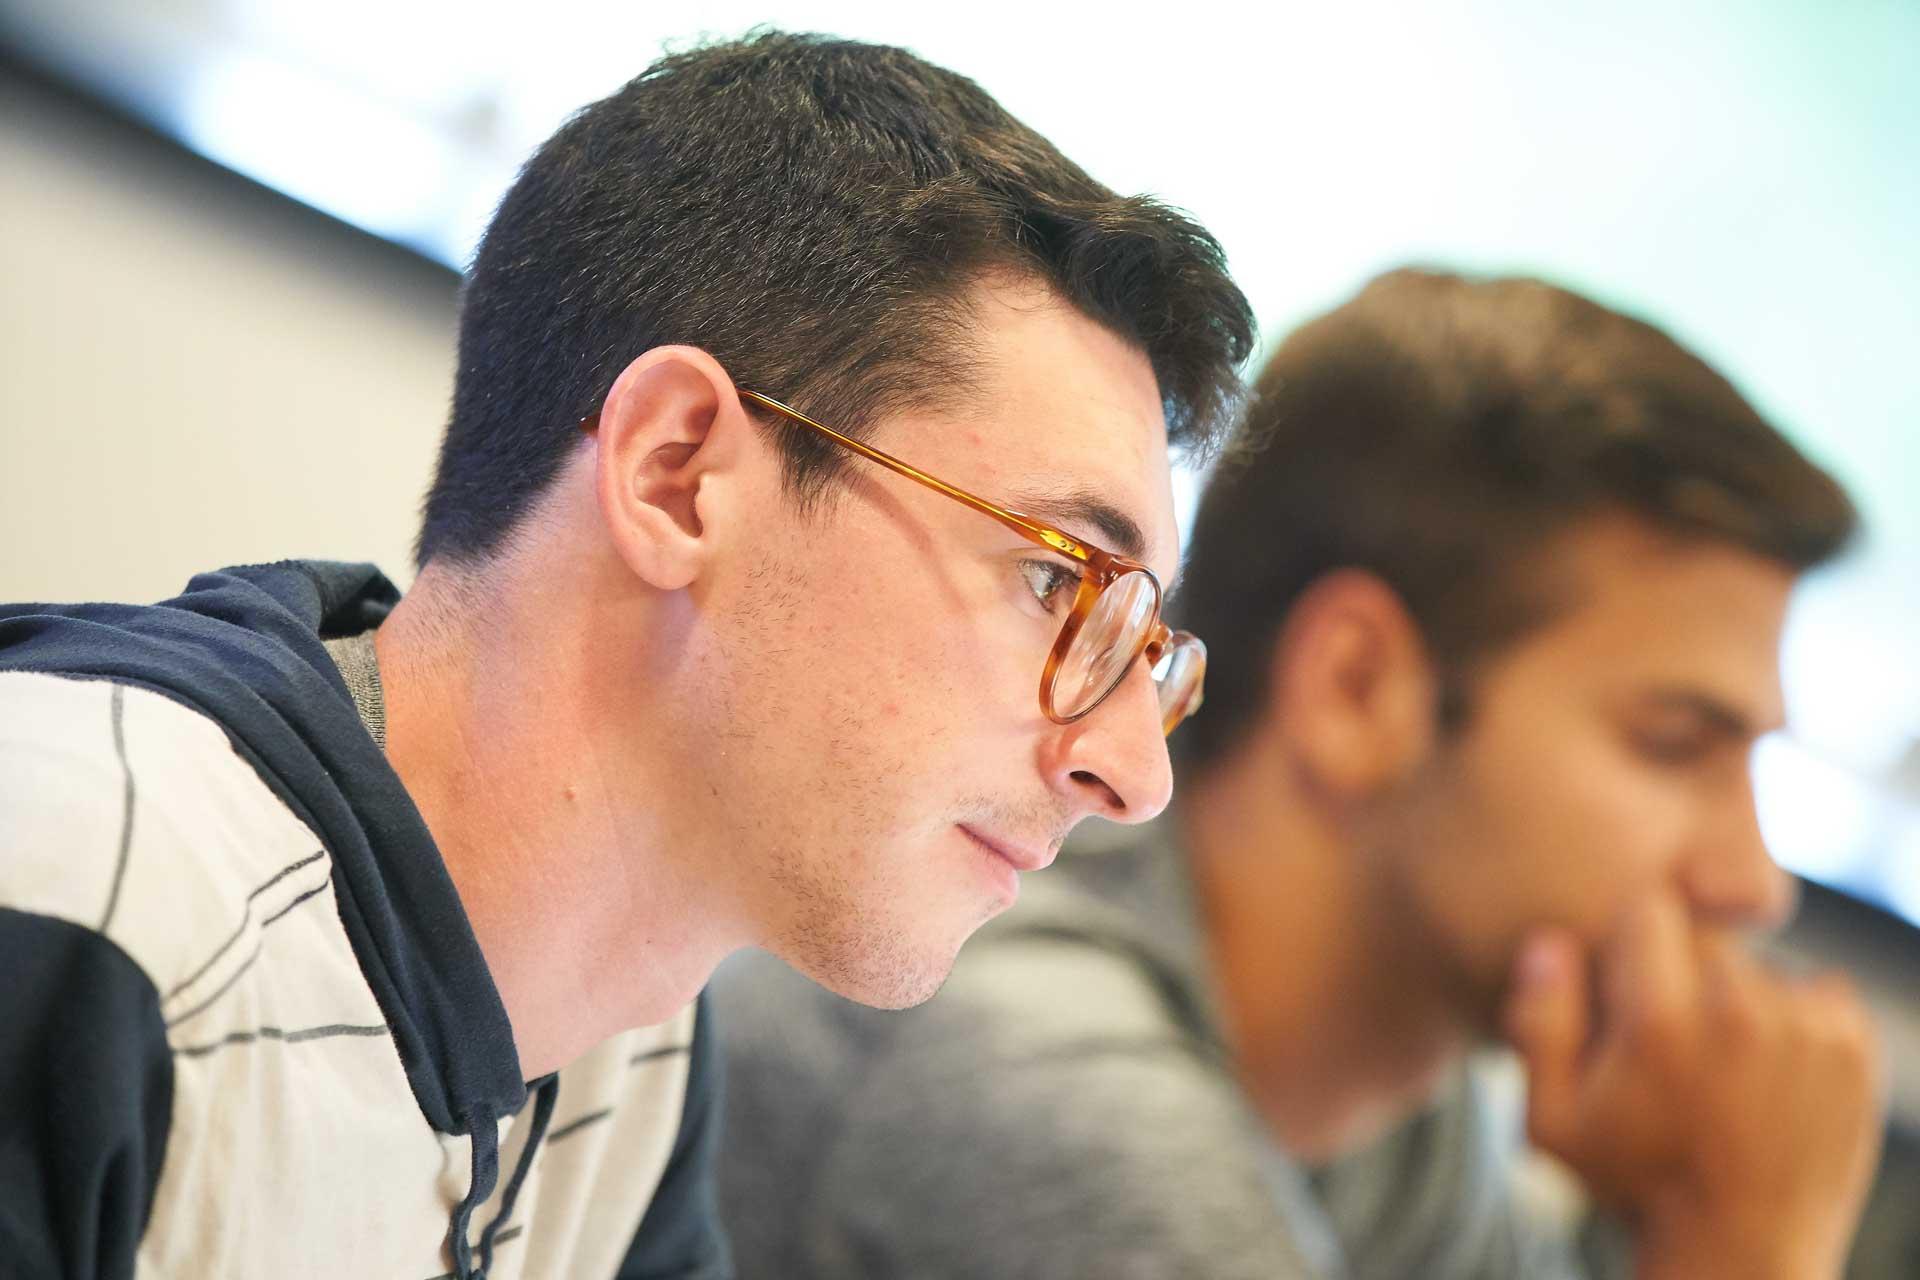 Max Keiser looking at computer screen